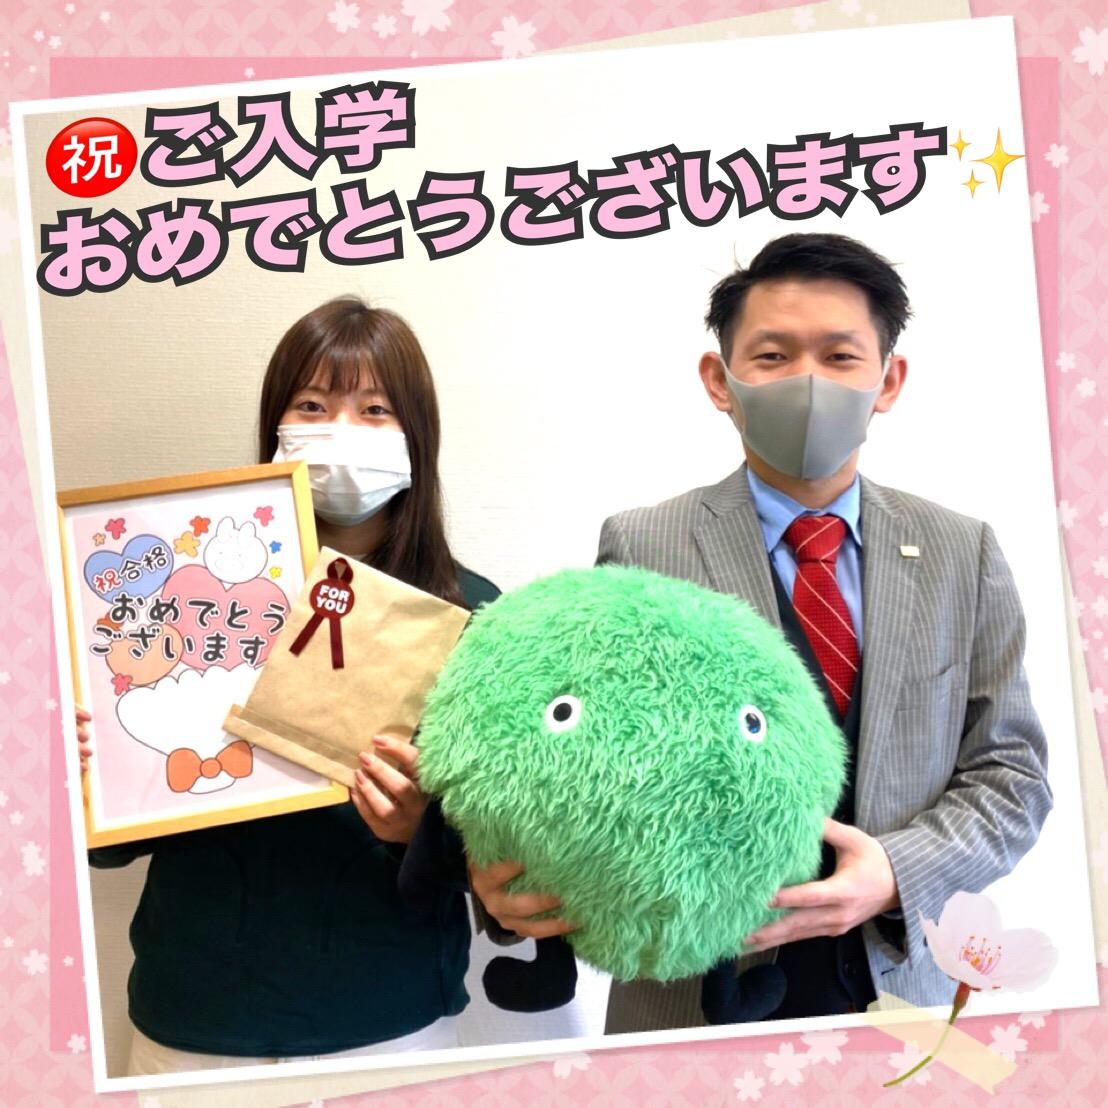 キャンペーン(ご入学おめでとうございます!!)